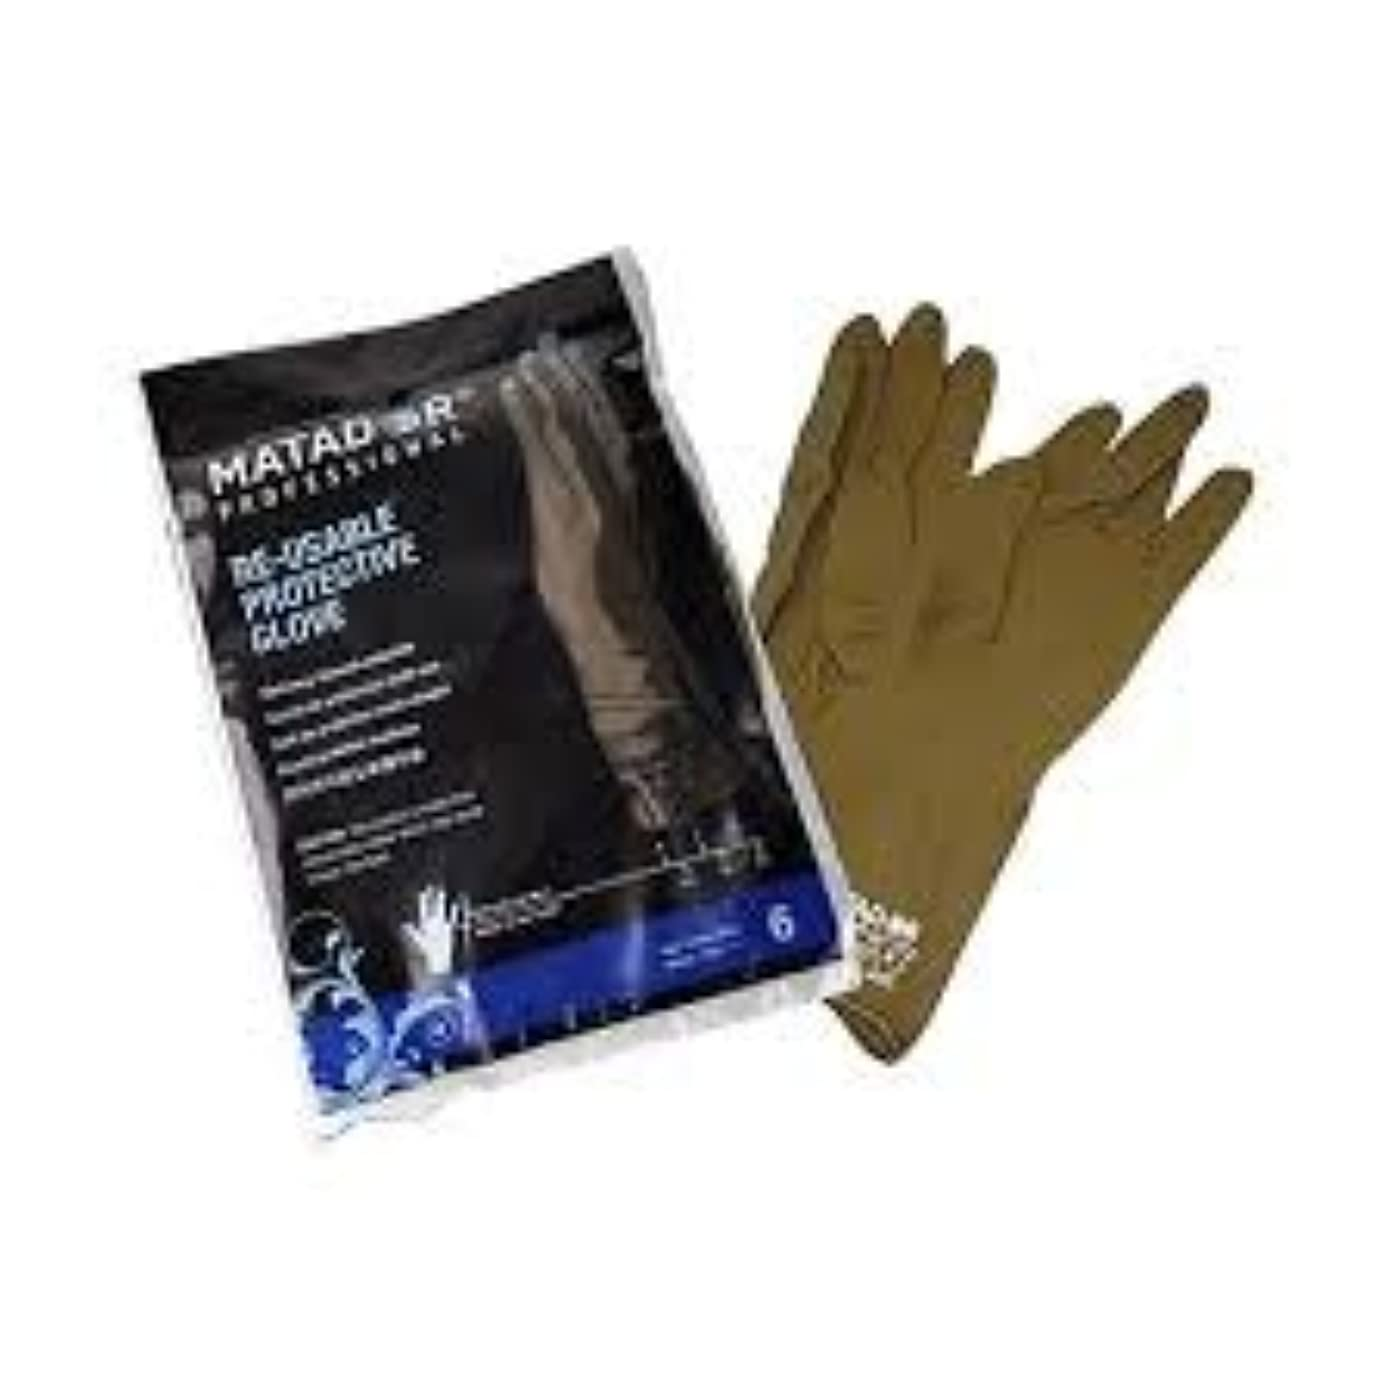 歴史家成長するすごいマタドールゴム手袋 6.0吋 【10個セット】